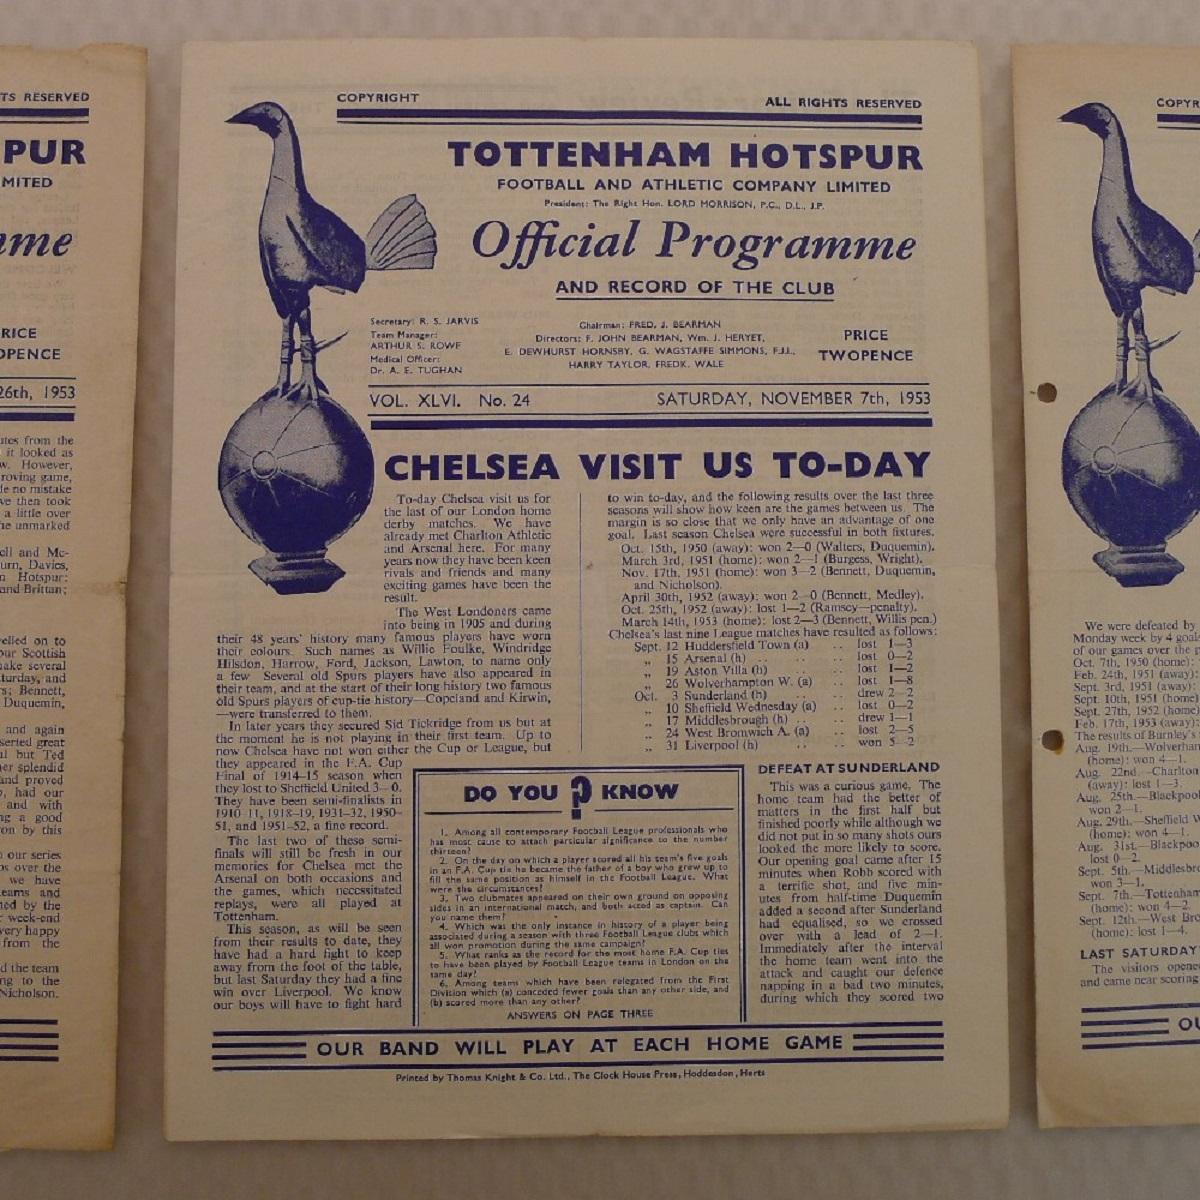 Vintage Football Programmes. 3 x Tottenham Hotspur 1953 football programmes comprising v Burnley - Image 3 of 5